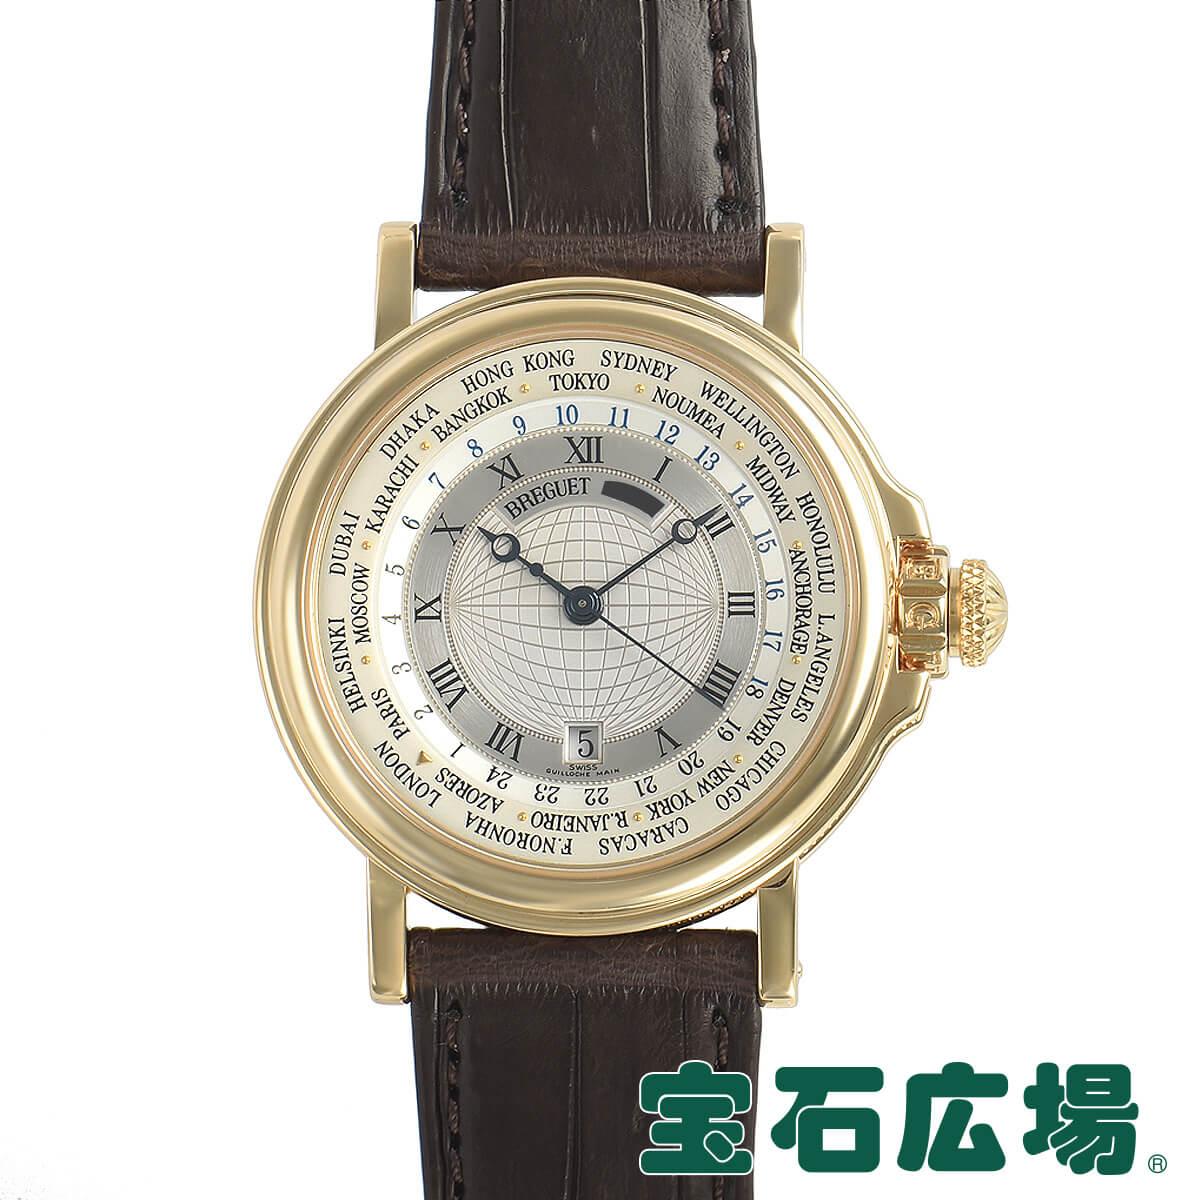 上品なスタイル ブレゲ BREGUET マリーン デュオタイマー 3700BA/12/9V6【】メンズ 腕時計 送料無料, 具志頭村 2ae1d533